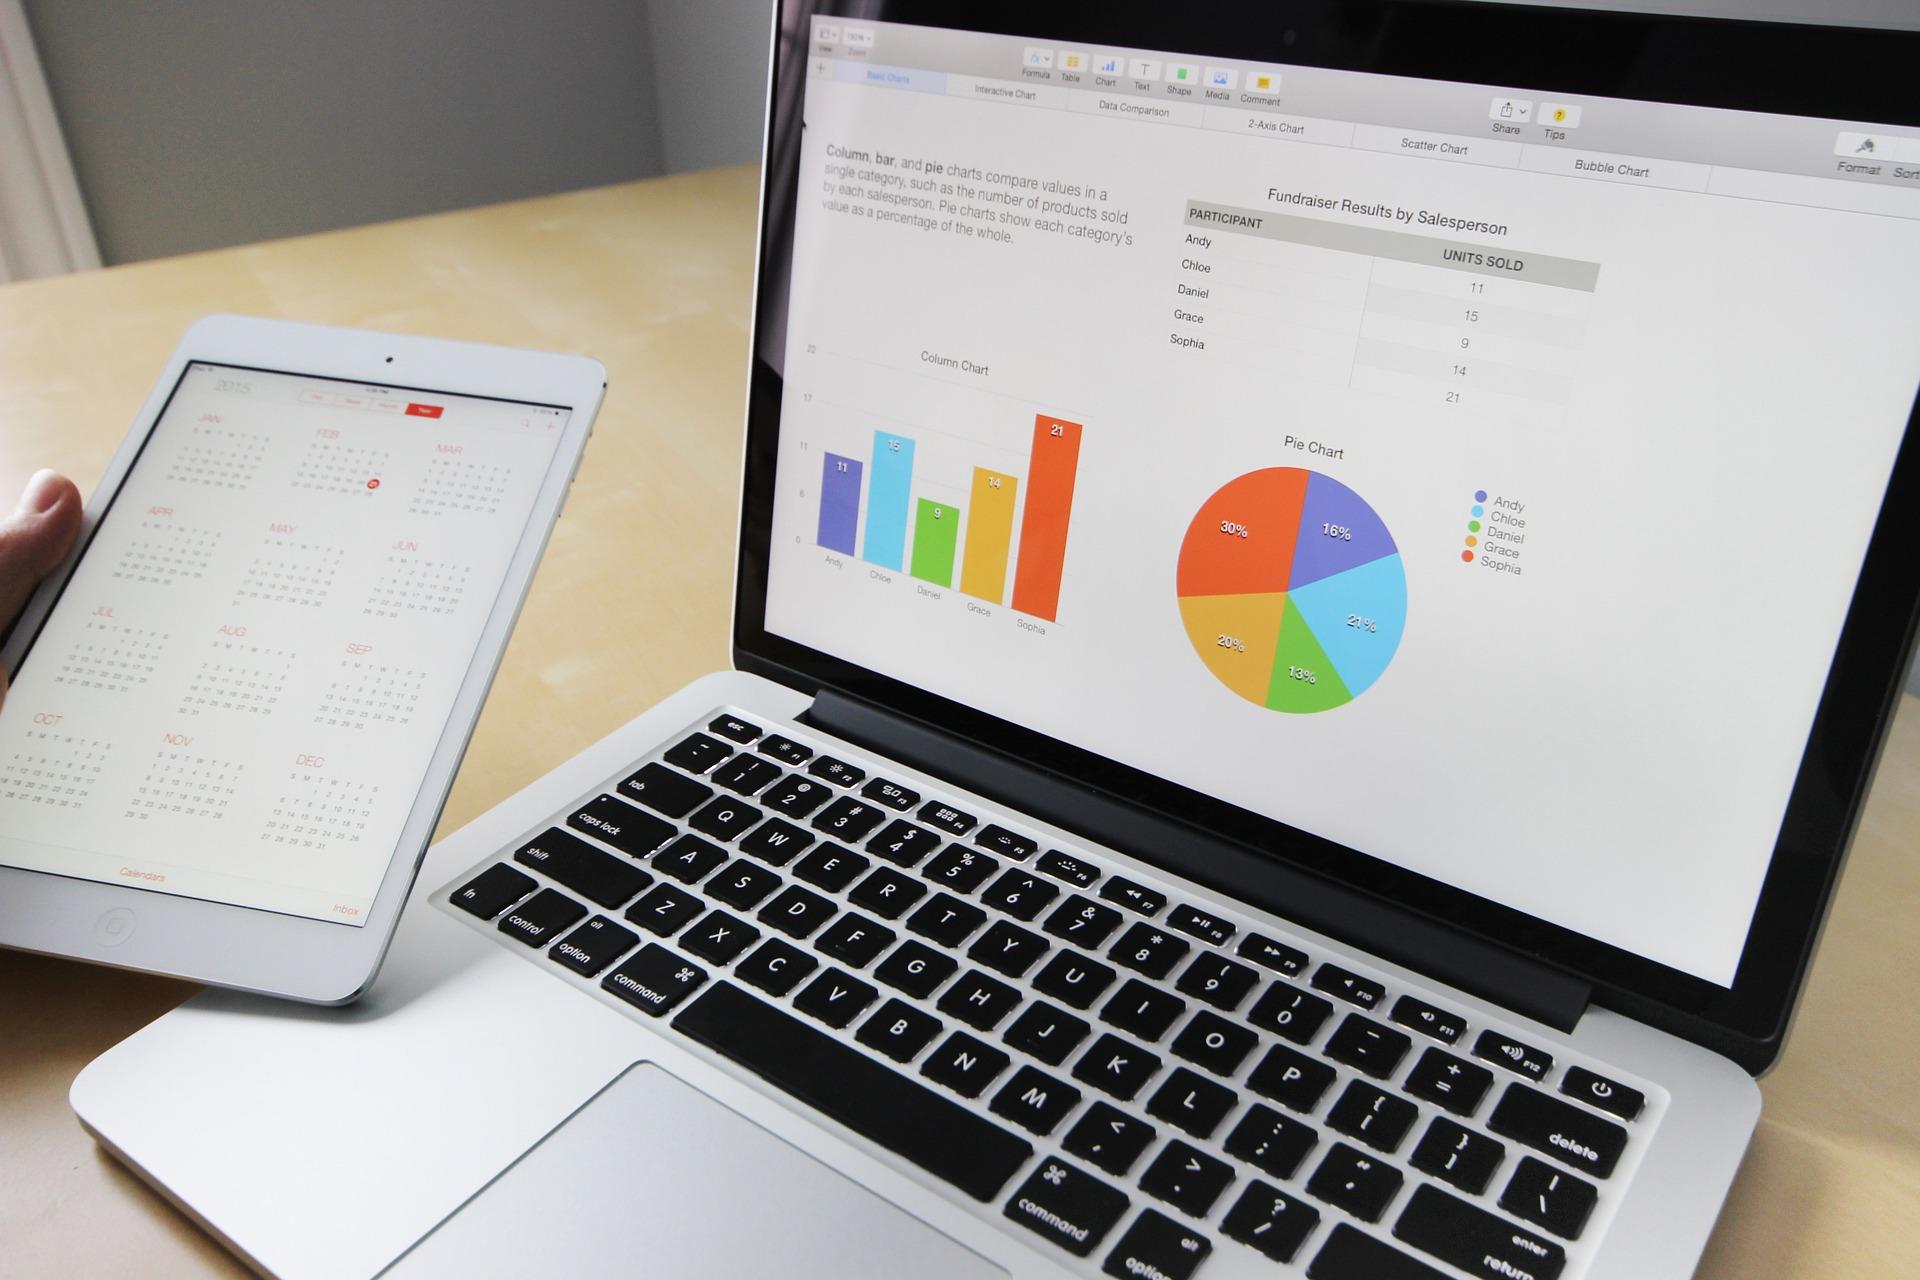 円グラフが表示されたパソコンとタブレット